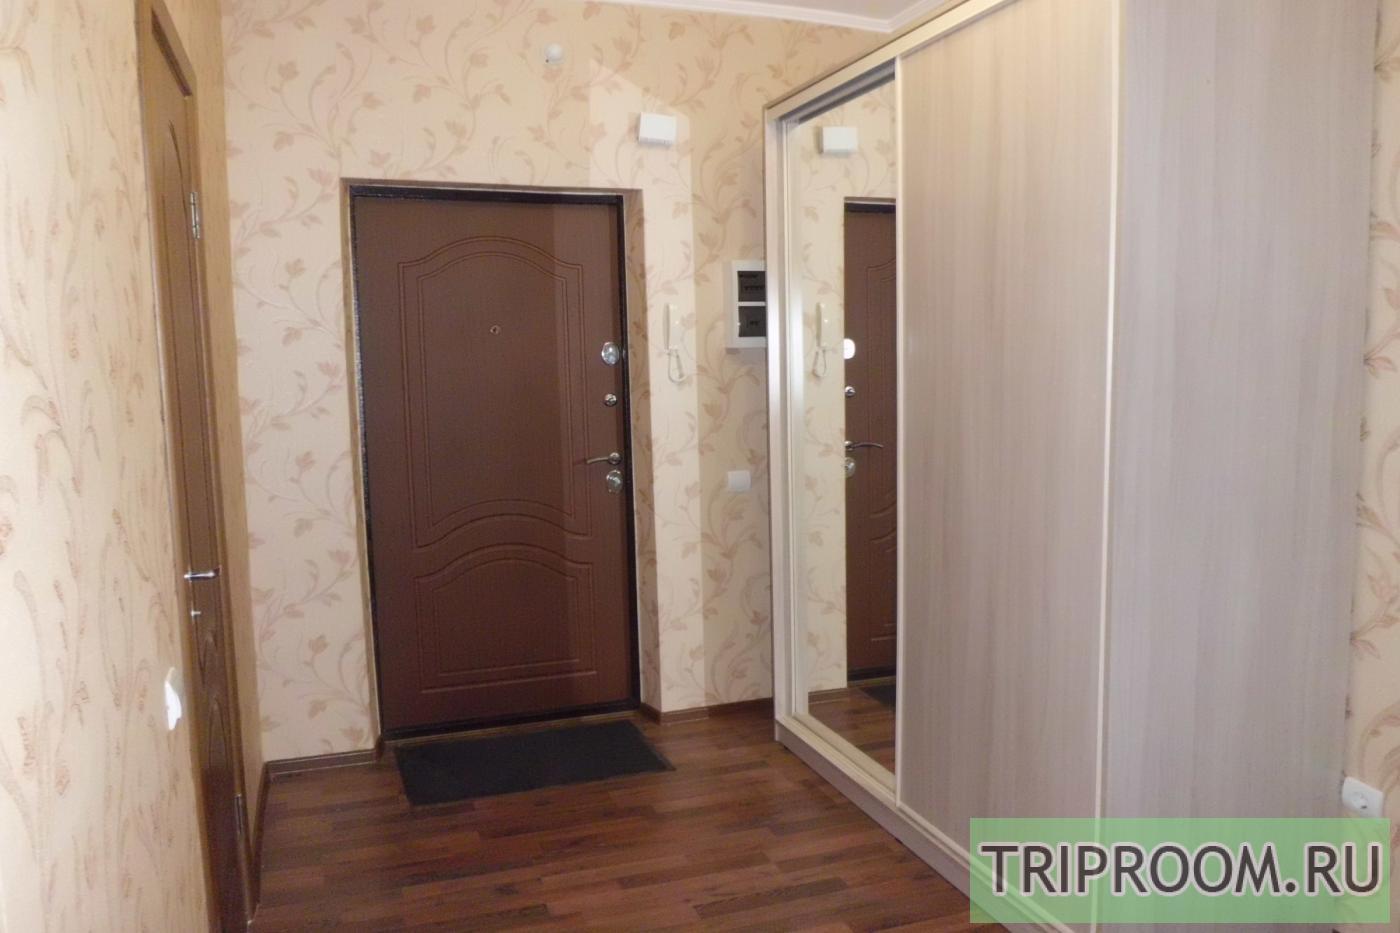 1-комнатная квартира посуточно (вариант № 32008), ул. 40-летия Победы, фото № 10